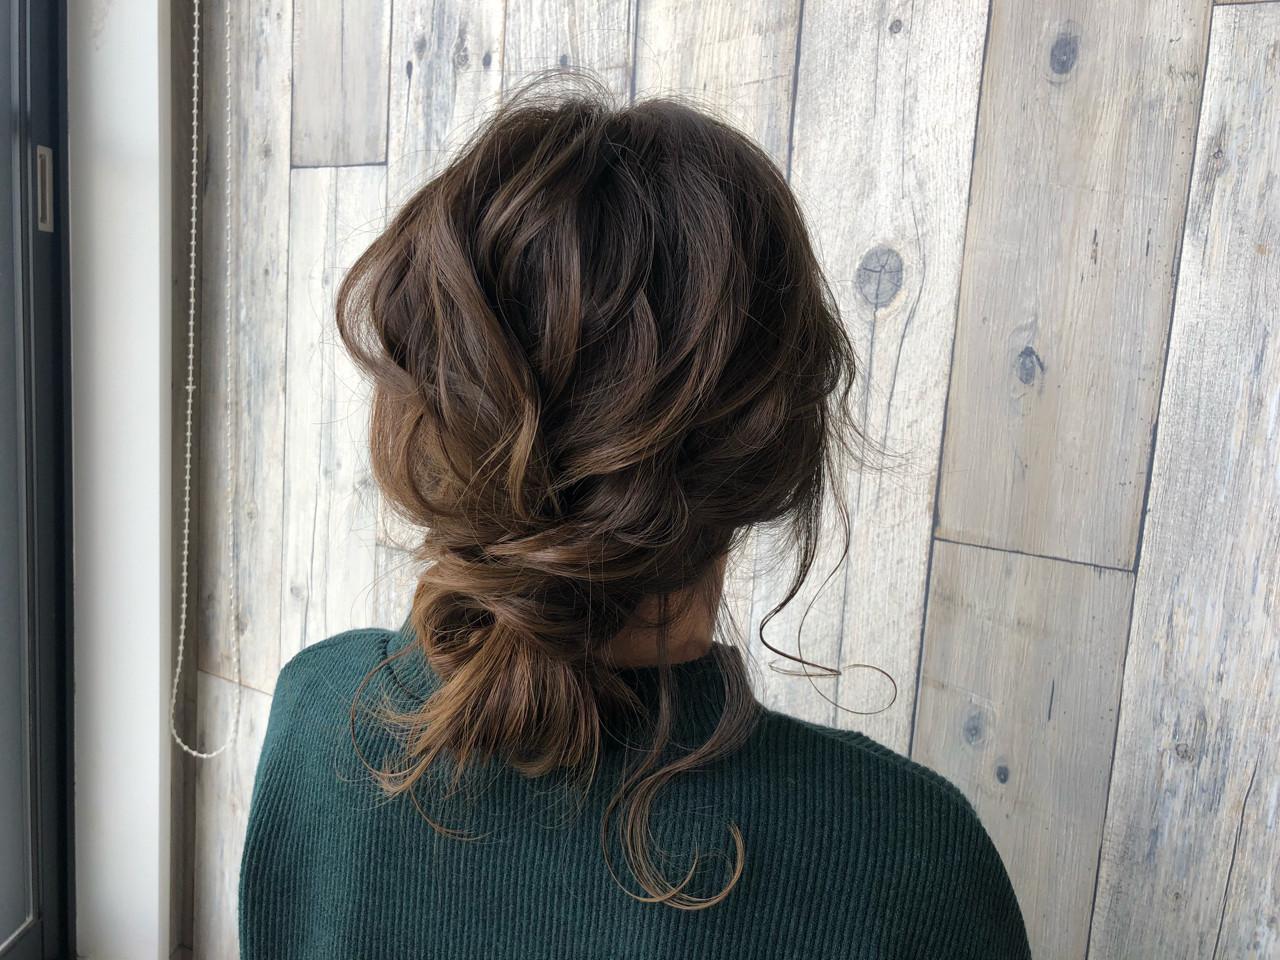 ナチュラル 外国人風 セミロング ヘアアレンジ ヘアスタイルや髪型の写真・画像 | 宇渡 裕一 / Lillie hair&spa